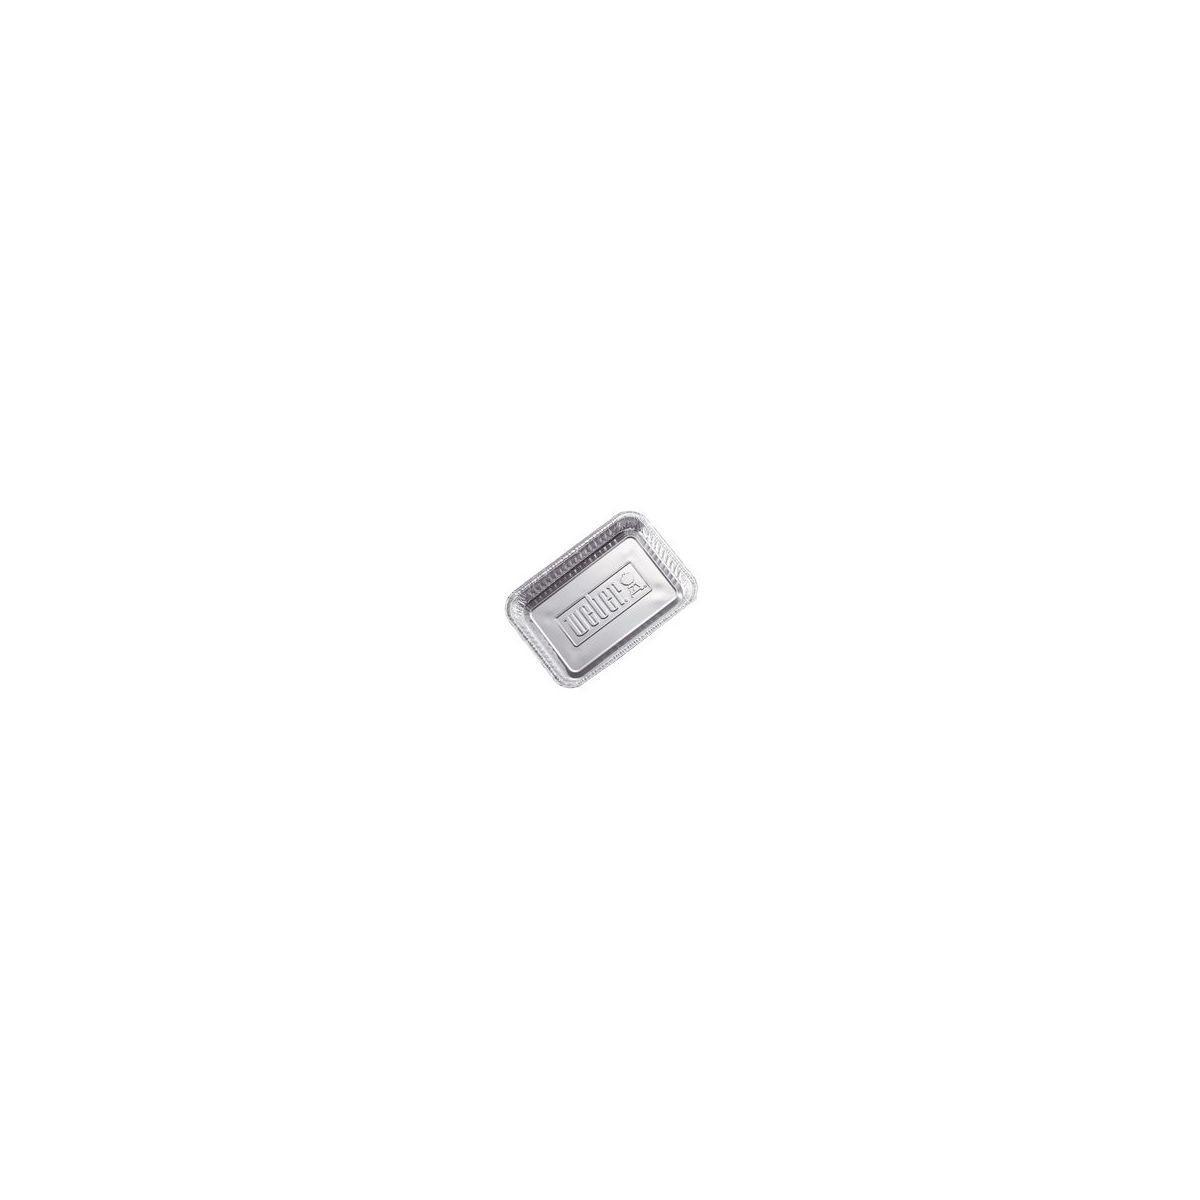 Plat weber petites barquettes aluminium - lot de 10